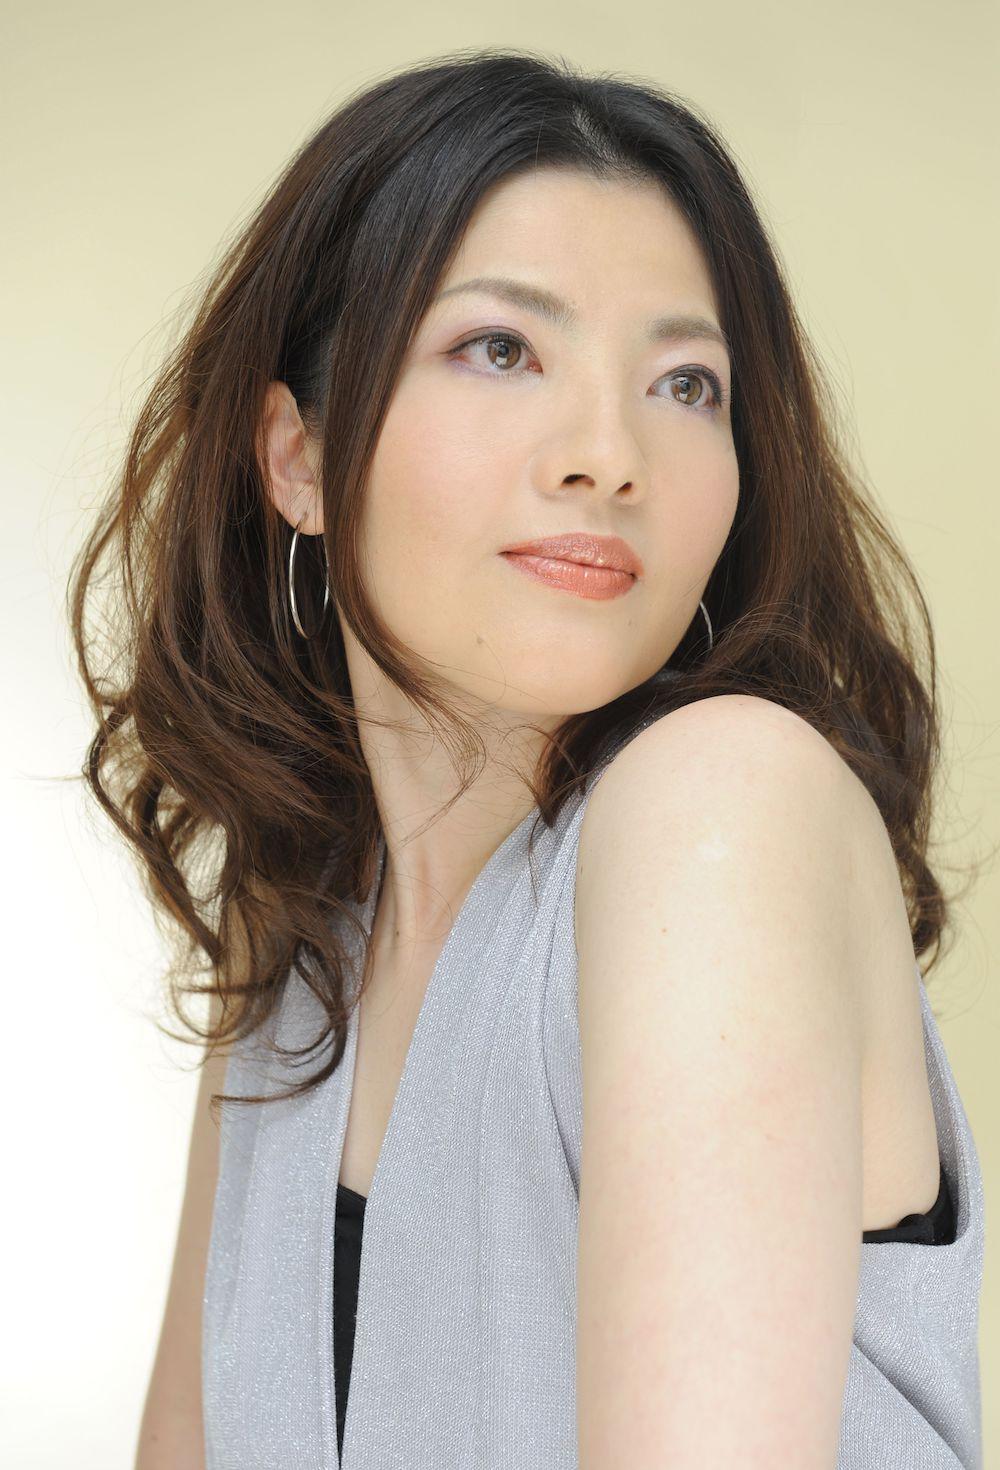 koshigoe-min